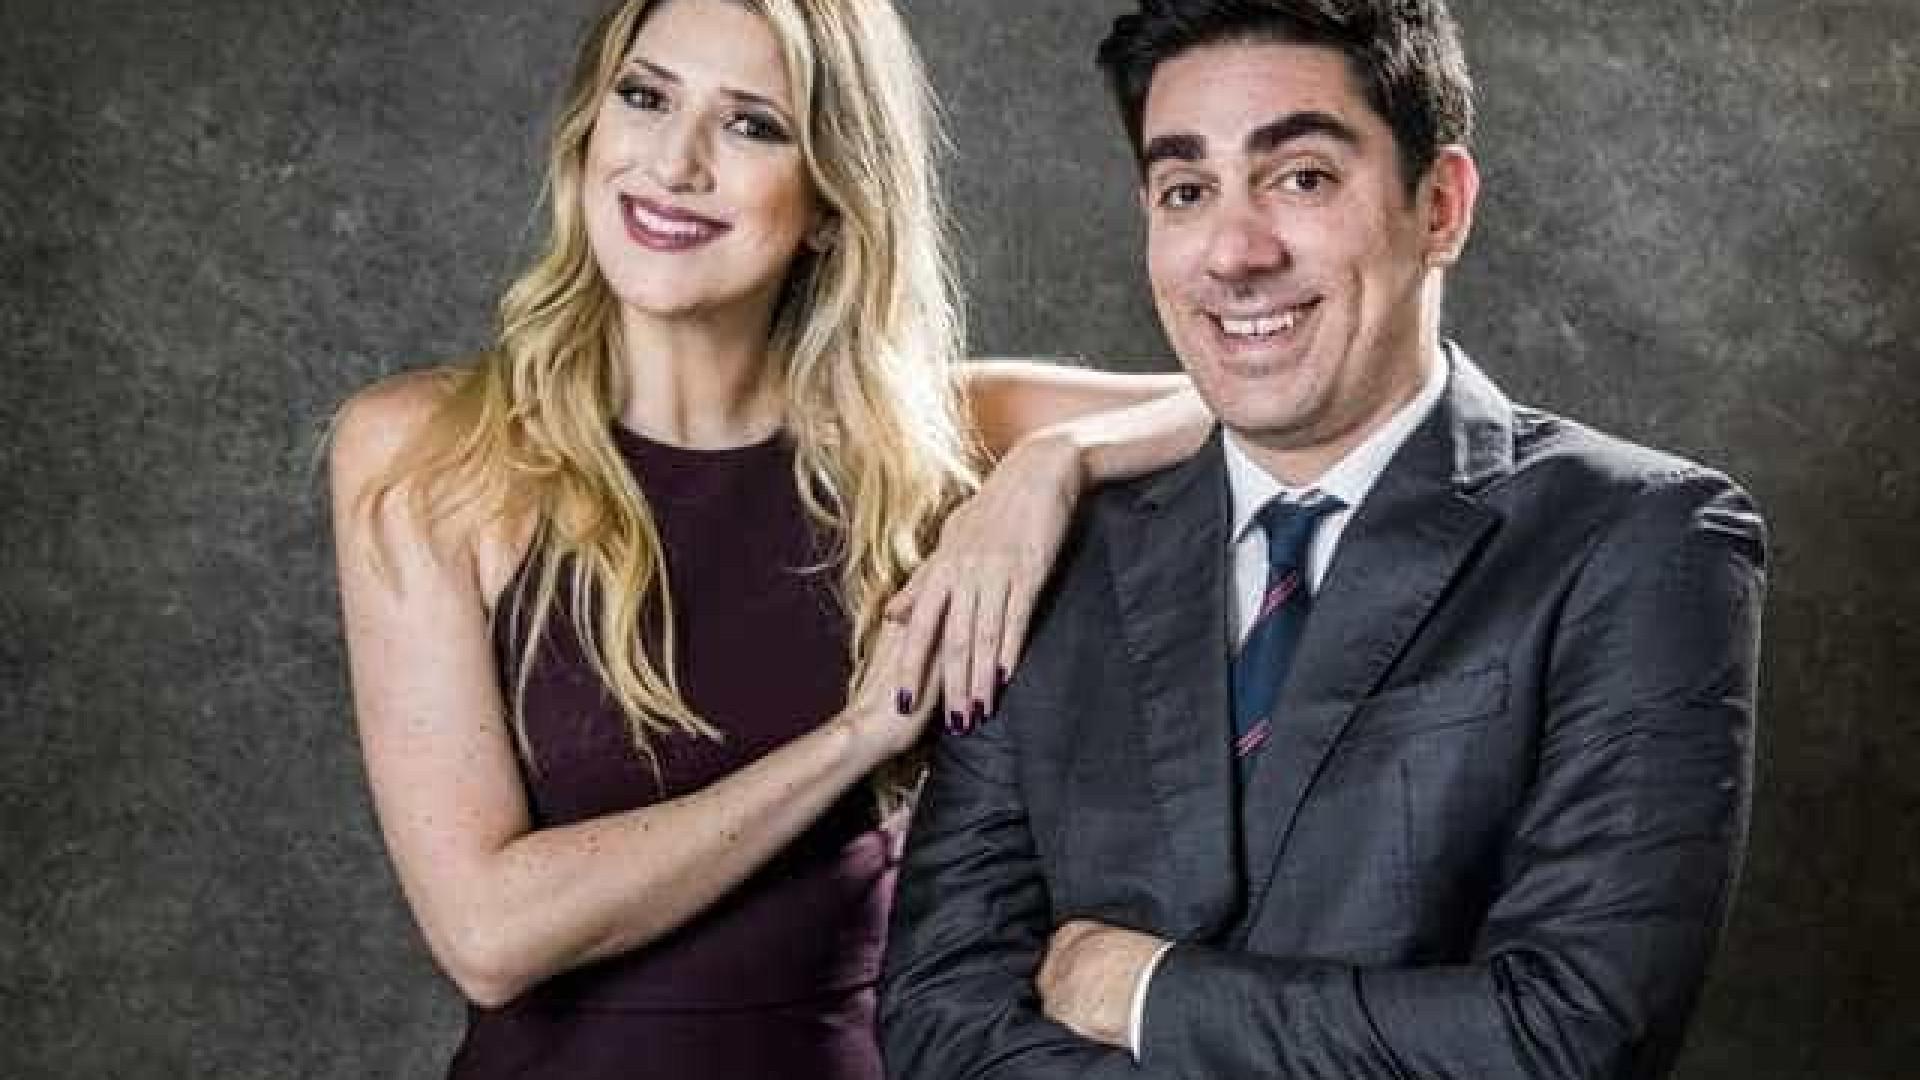 Dani Calabresa comemora trabalho com Marcelo Adnet: 'Fiquei feliz'